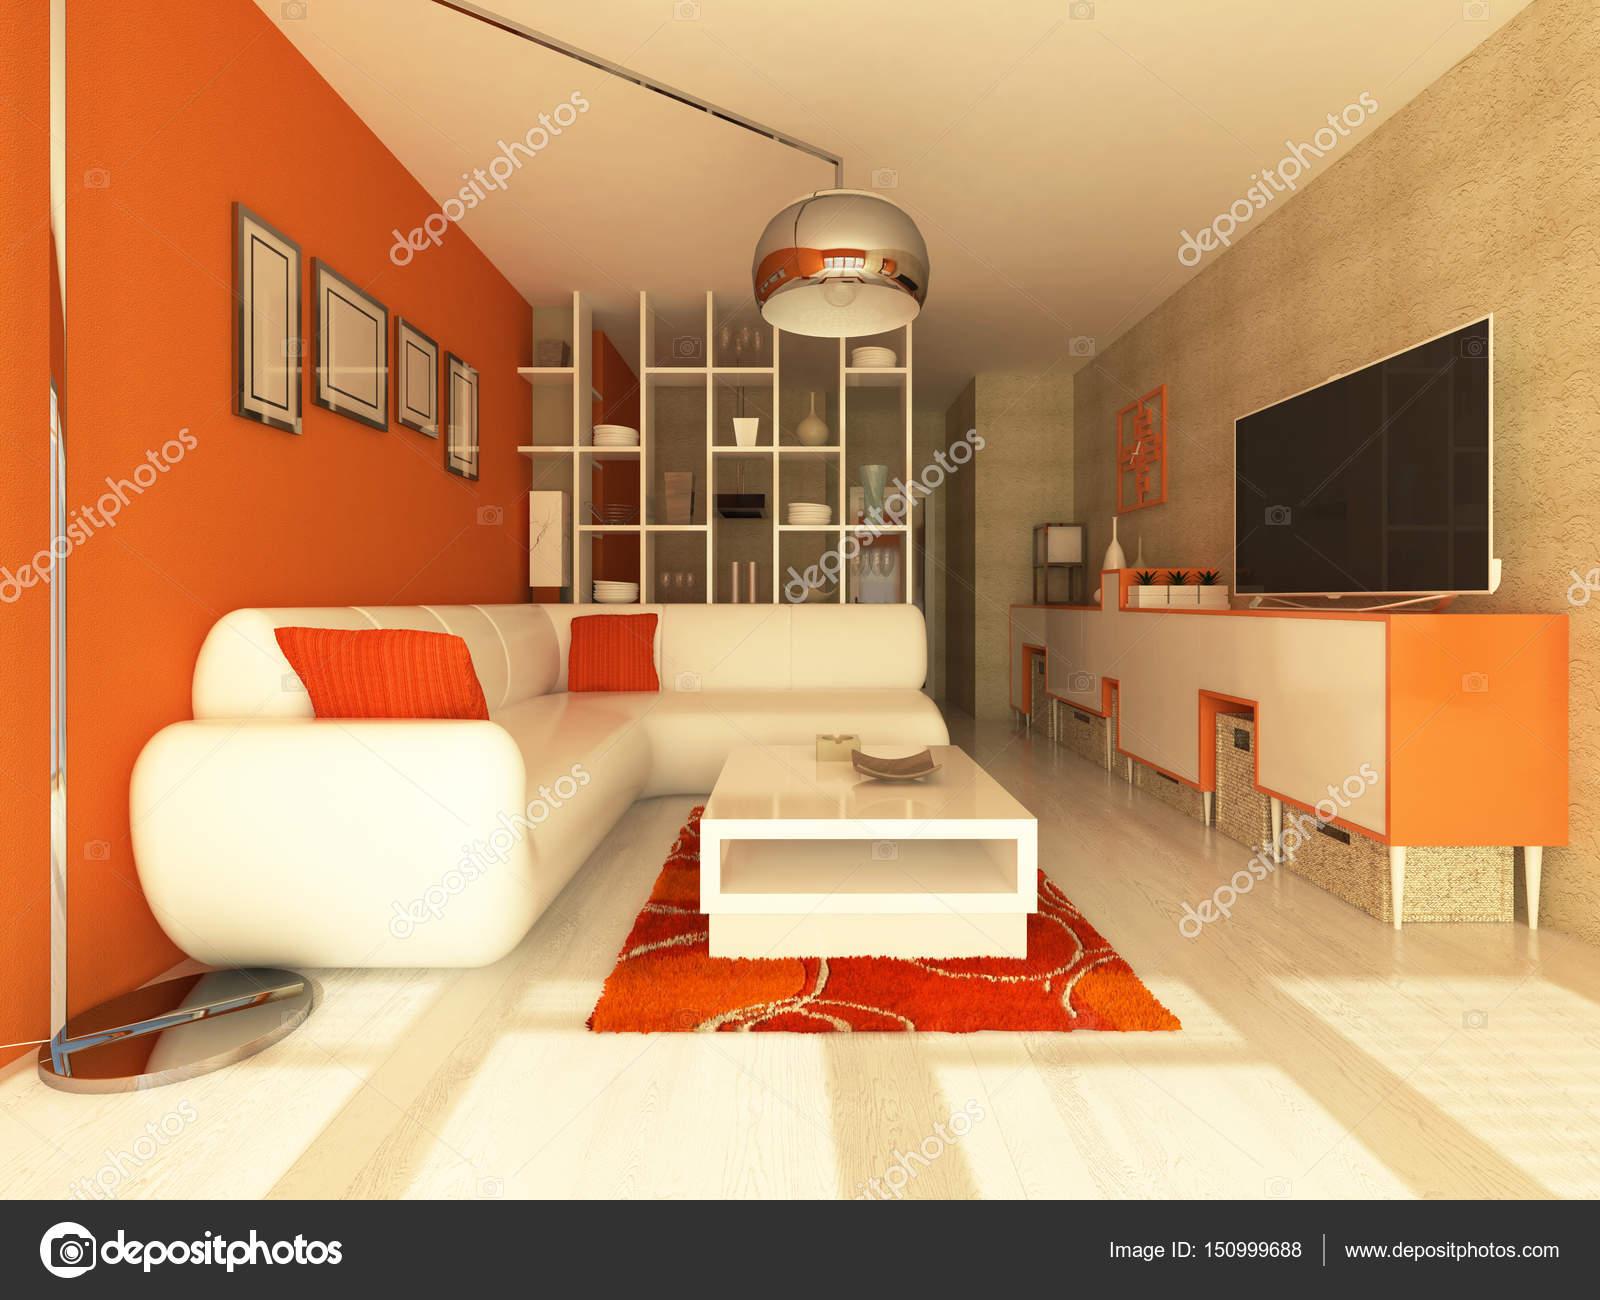 Pareti Colore Arancione : 3d render dellinterno bellissimo salone moderno con pareti arancio